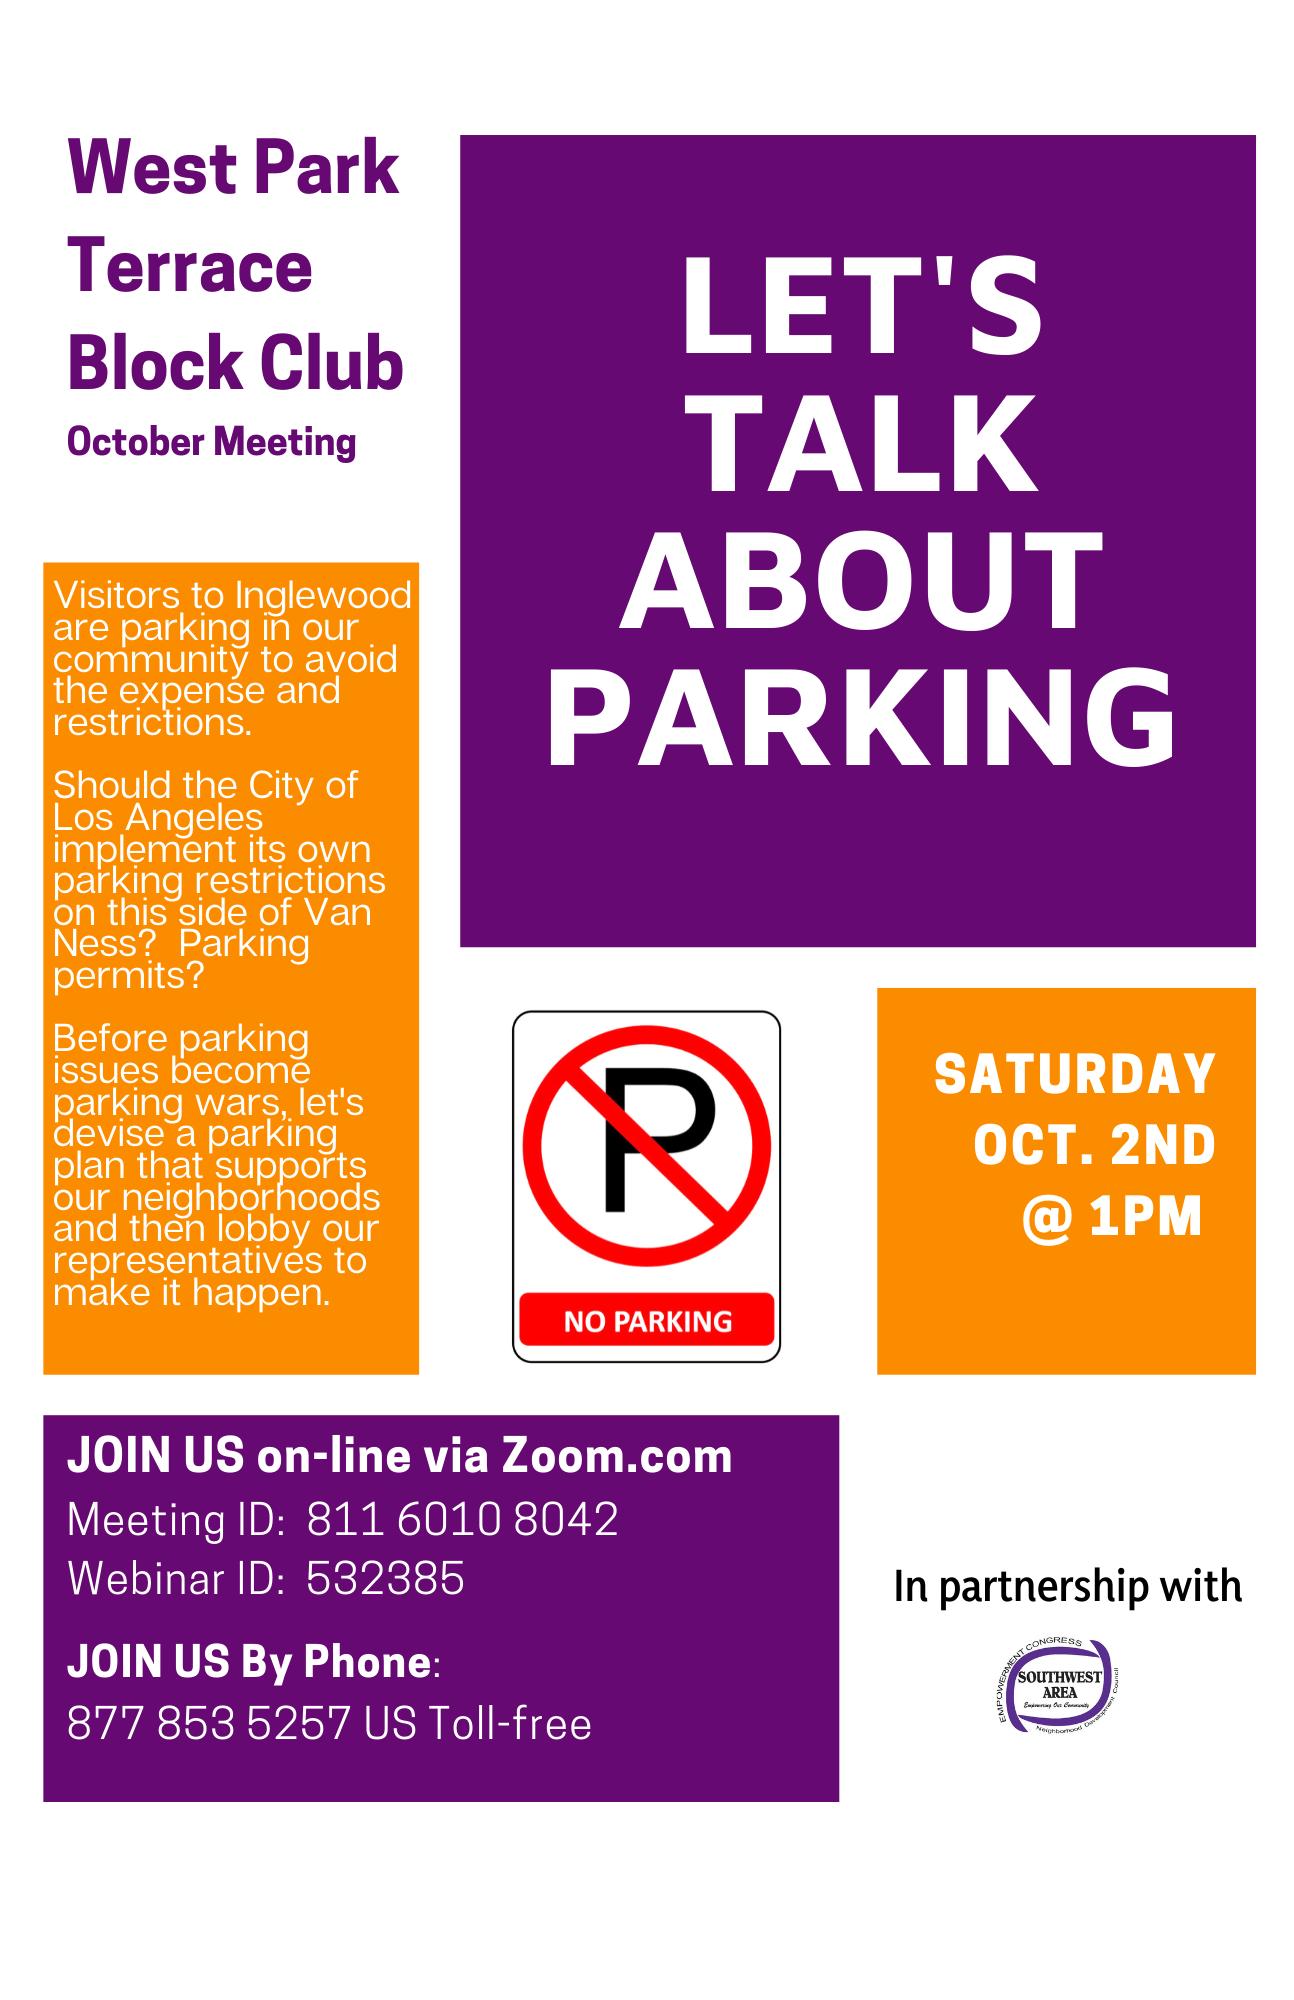 Let's Talk About Parking